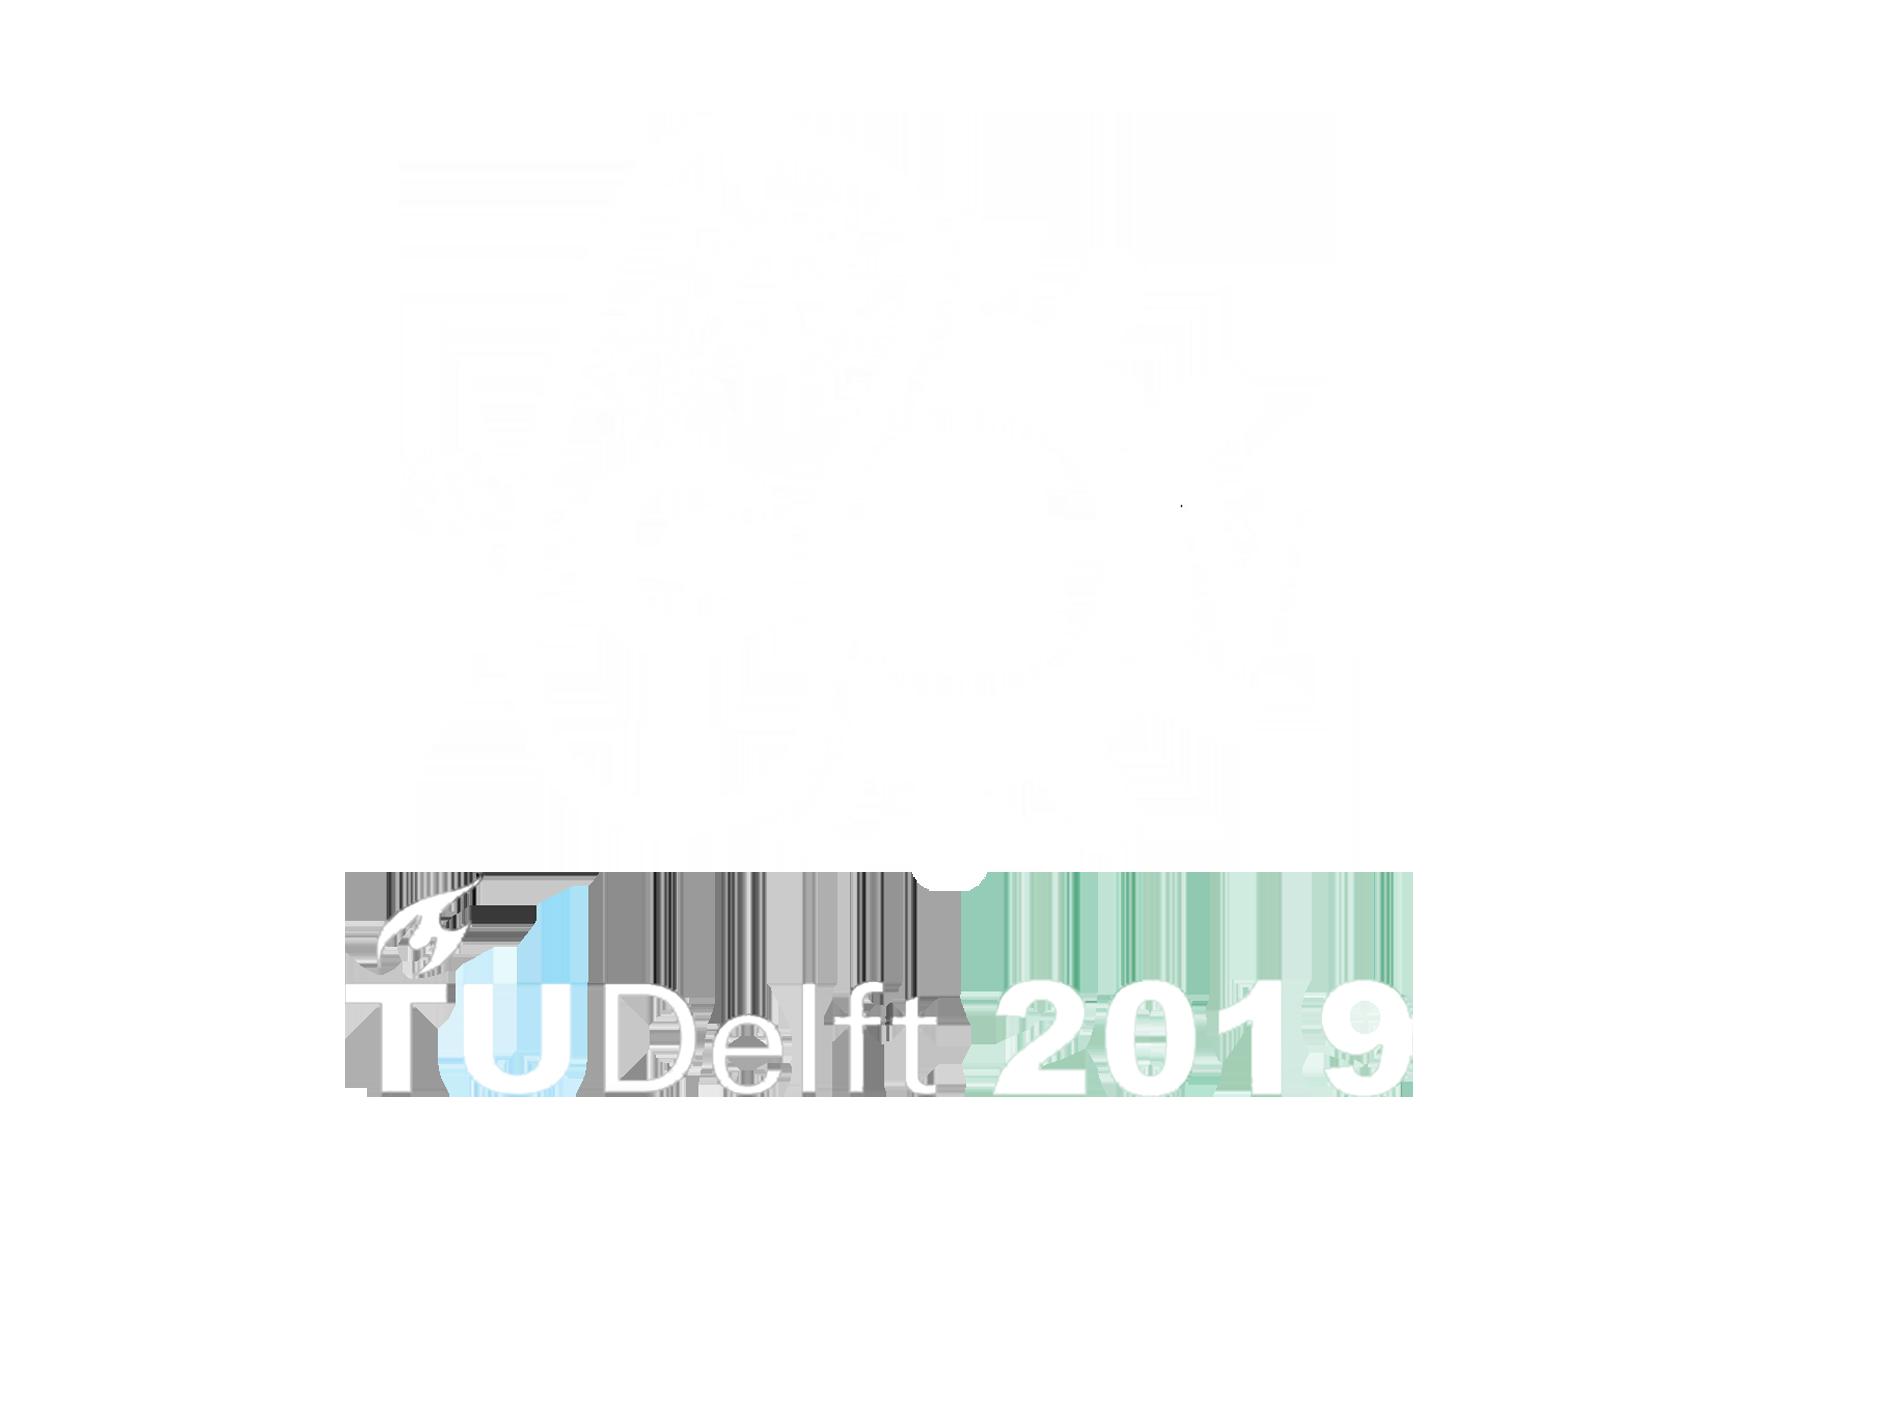 iGEM TU Delft